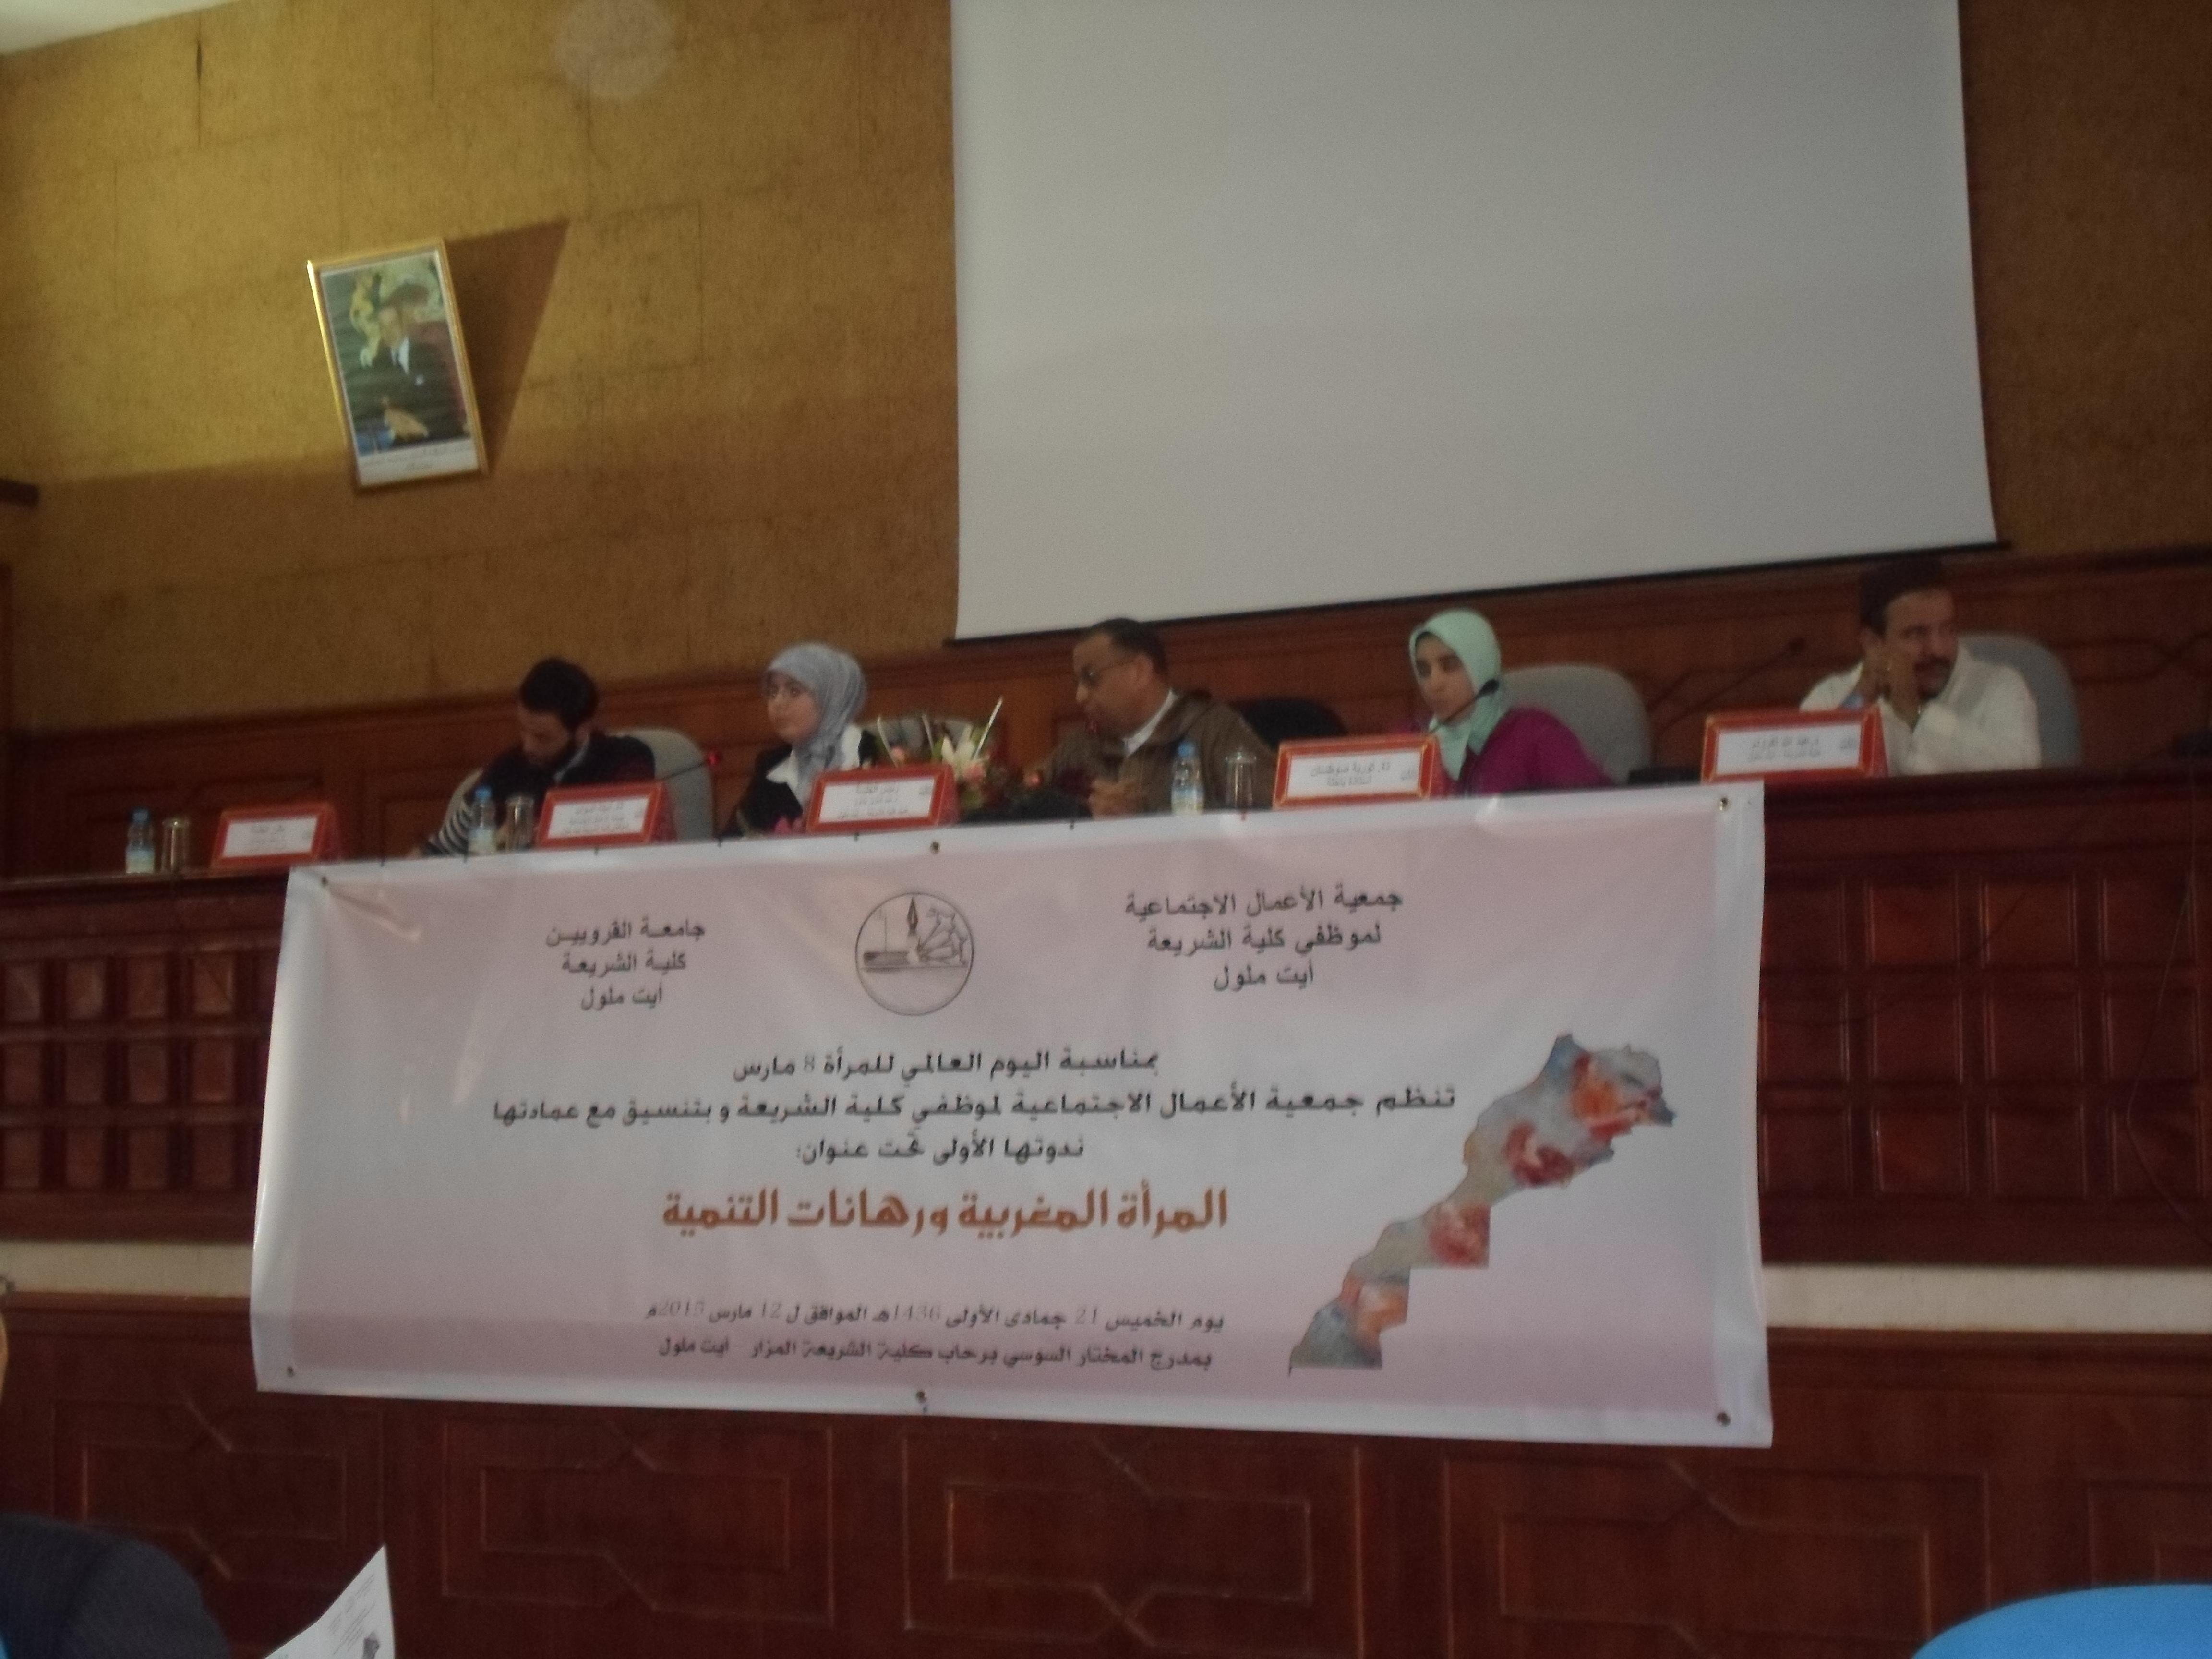 """ملخص تركيبي لندوة علمية حول موضوع """"المرأة المغربية ورهانات التنمية"""""""